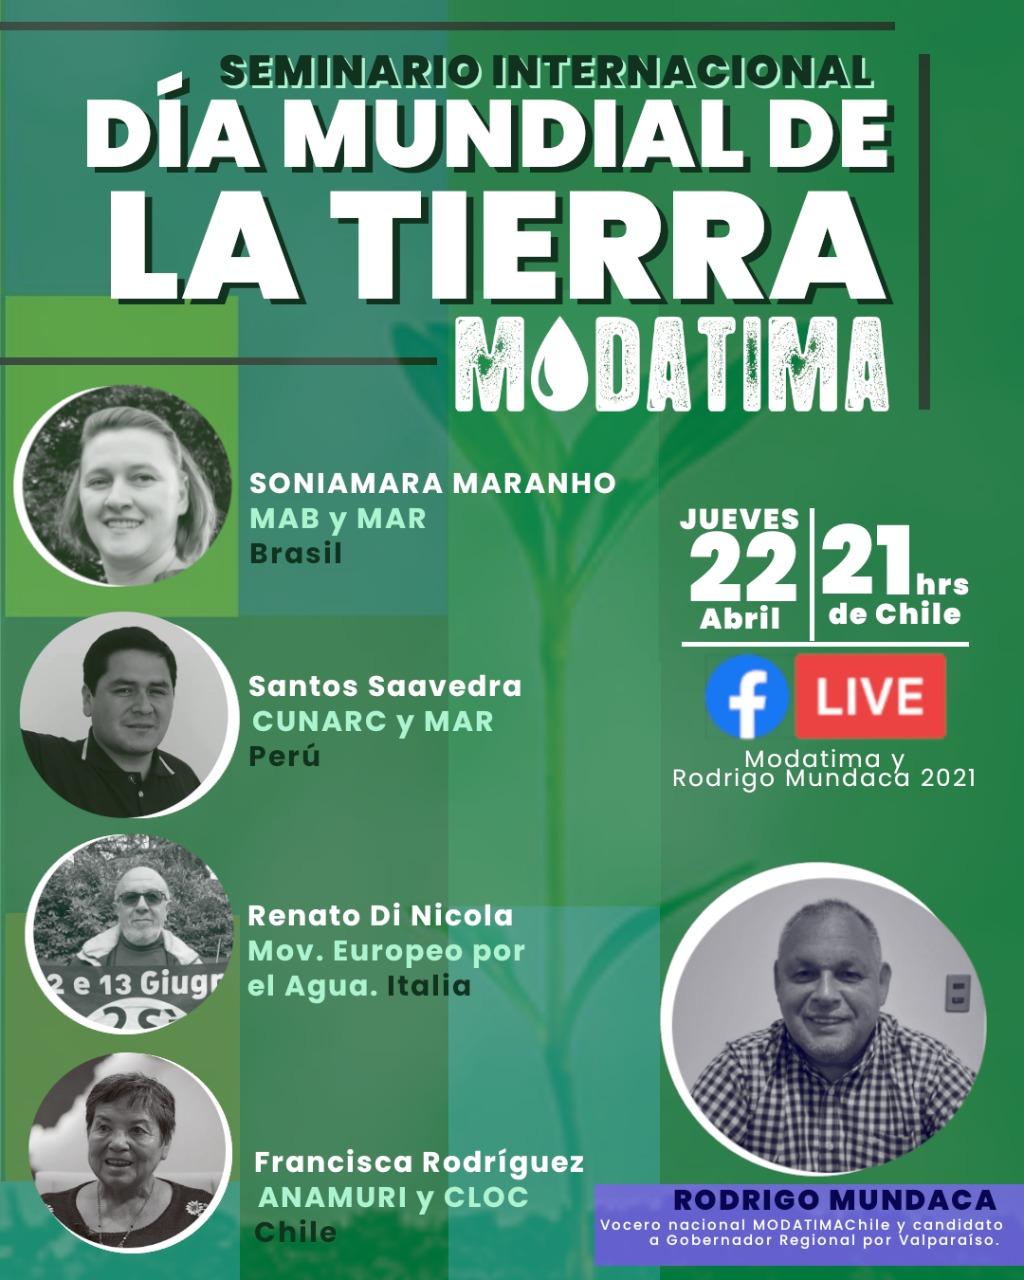 Este jueves se llevará a cabo el Seminario Internacional «Día Mundial de la Tierra Modatima»